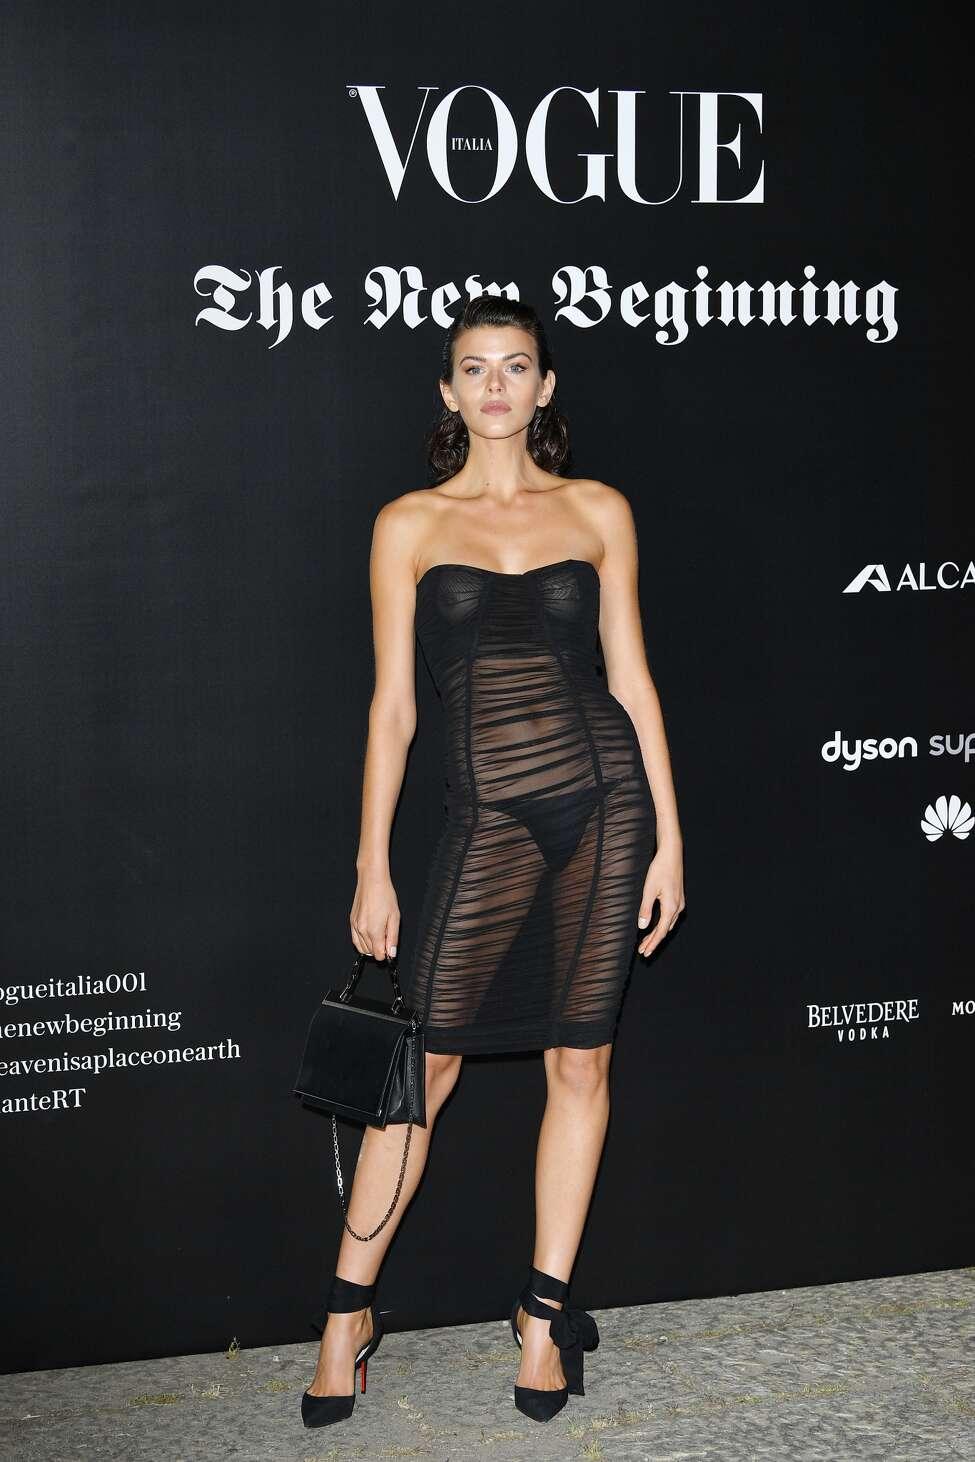 Georgia Fowler stuns crowds at Milan Fashion Week | Daily